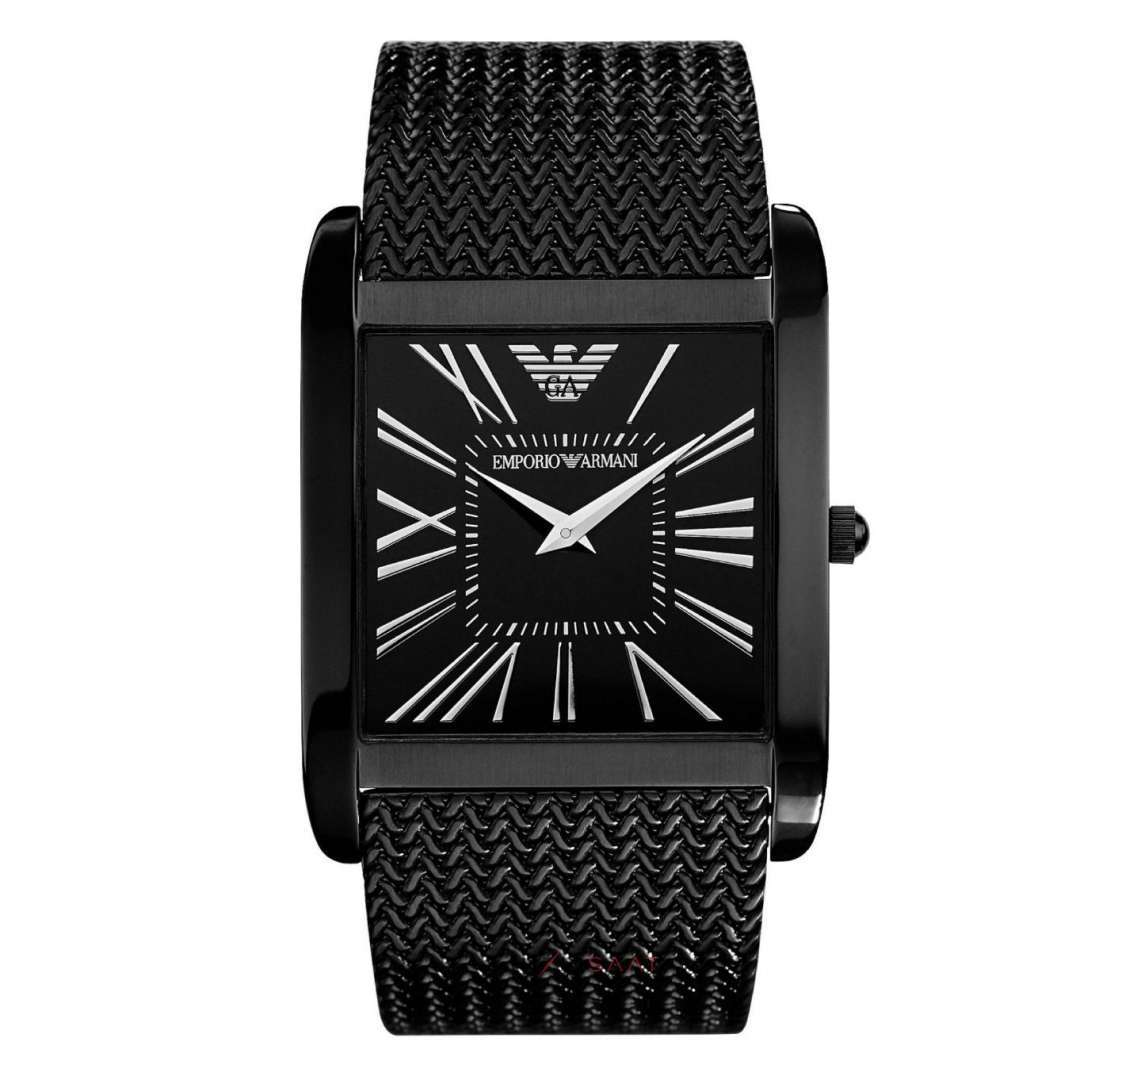 שעון יד אנלוגי לגבר emporio armani ar2028 אמפוריו ארמני